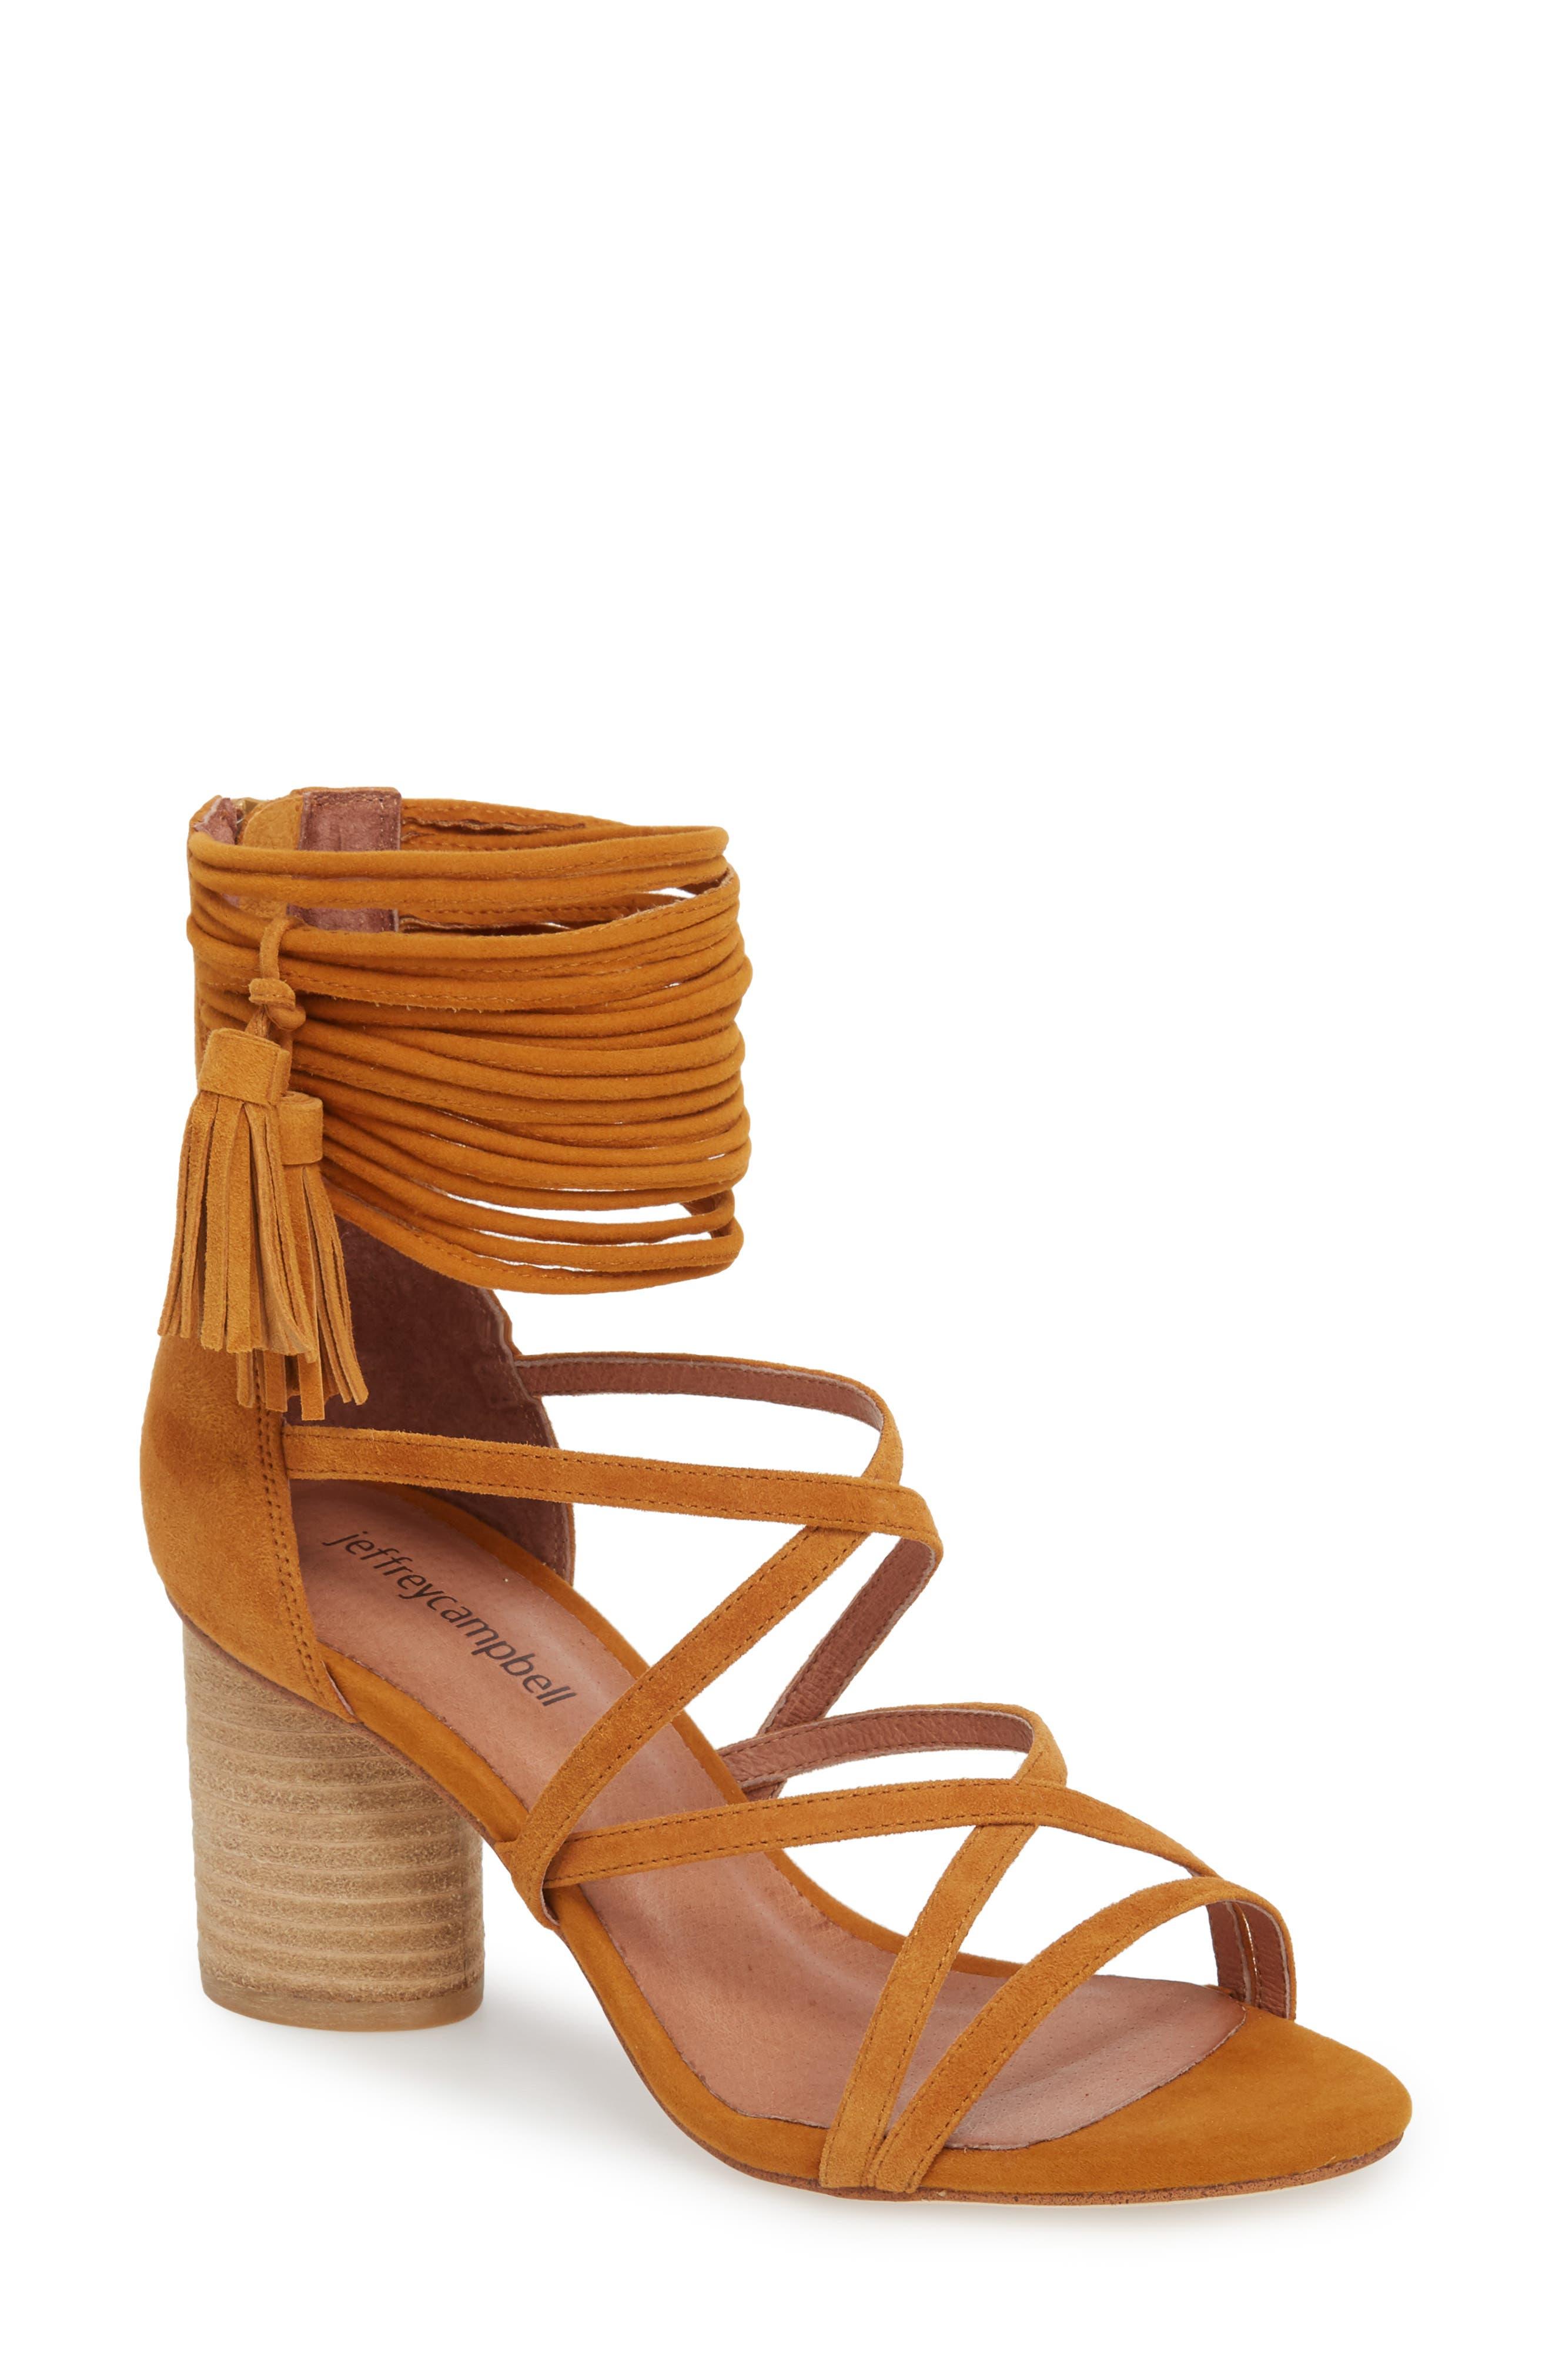 'Despina' Strappy Sandal,                         Main,                         color, Mustard Suede